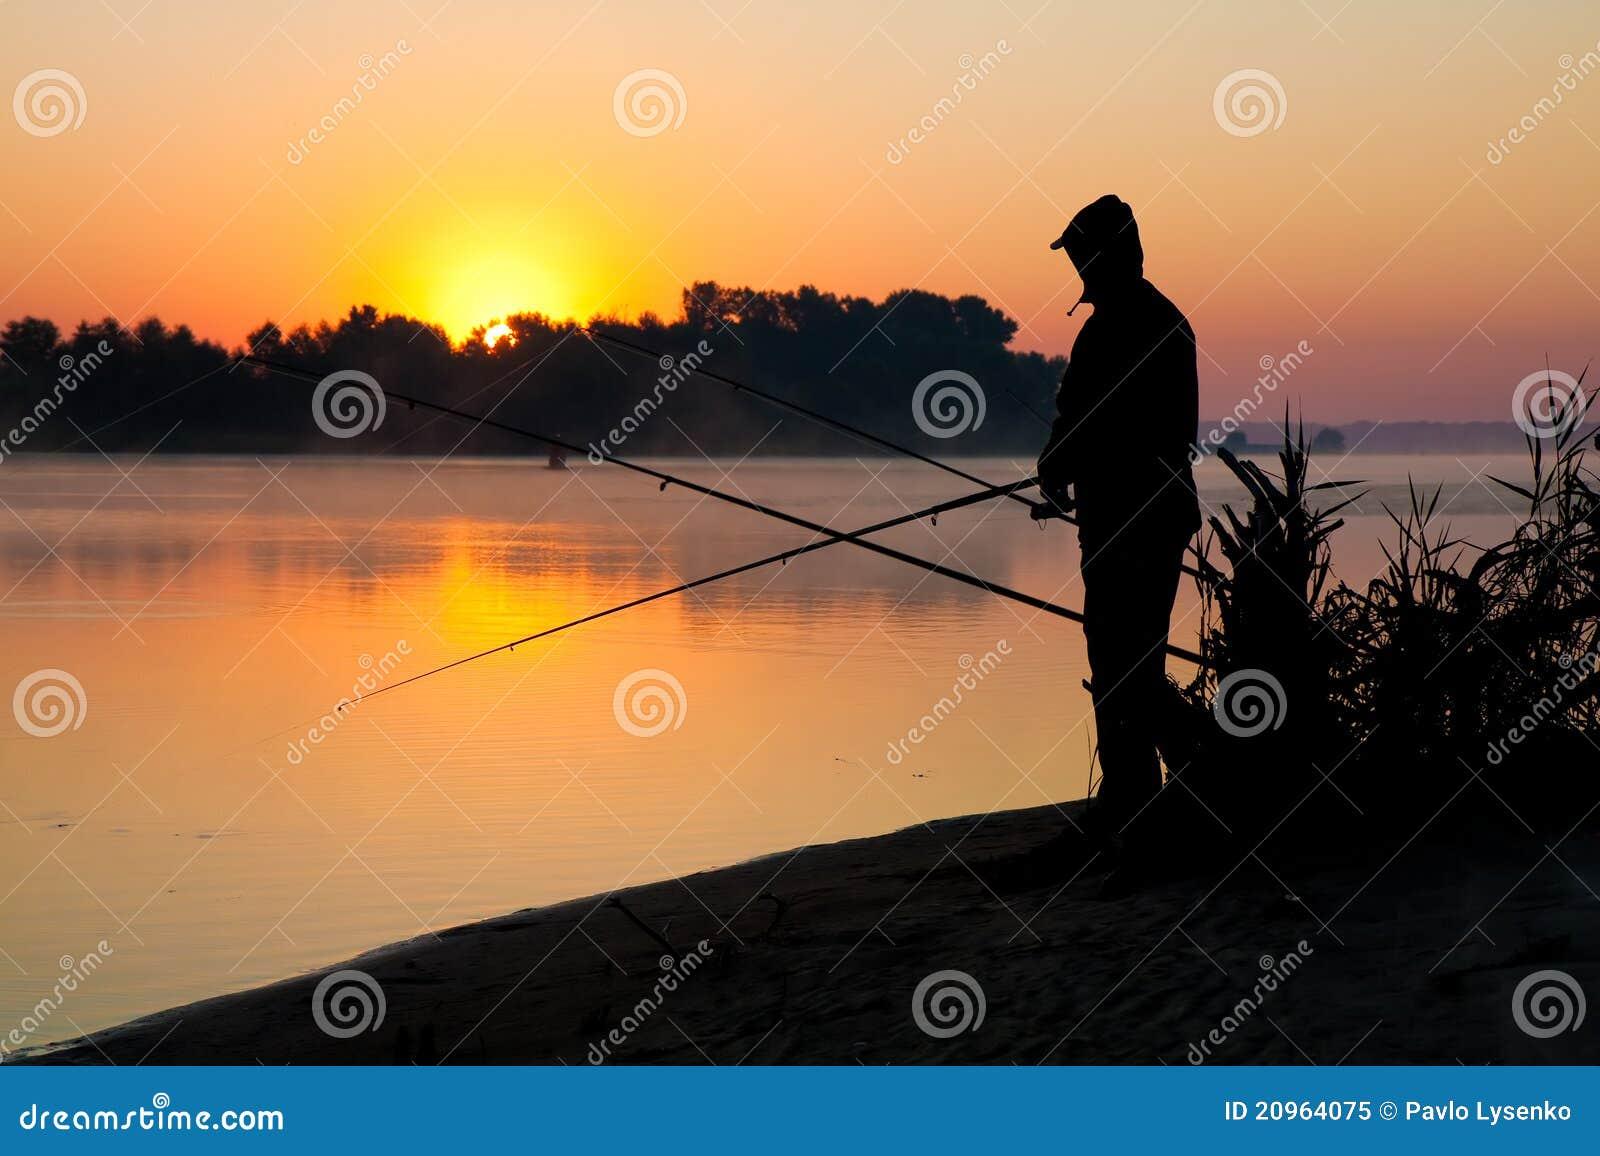 Silueta de la pesca del hombre en una puesta del sol